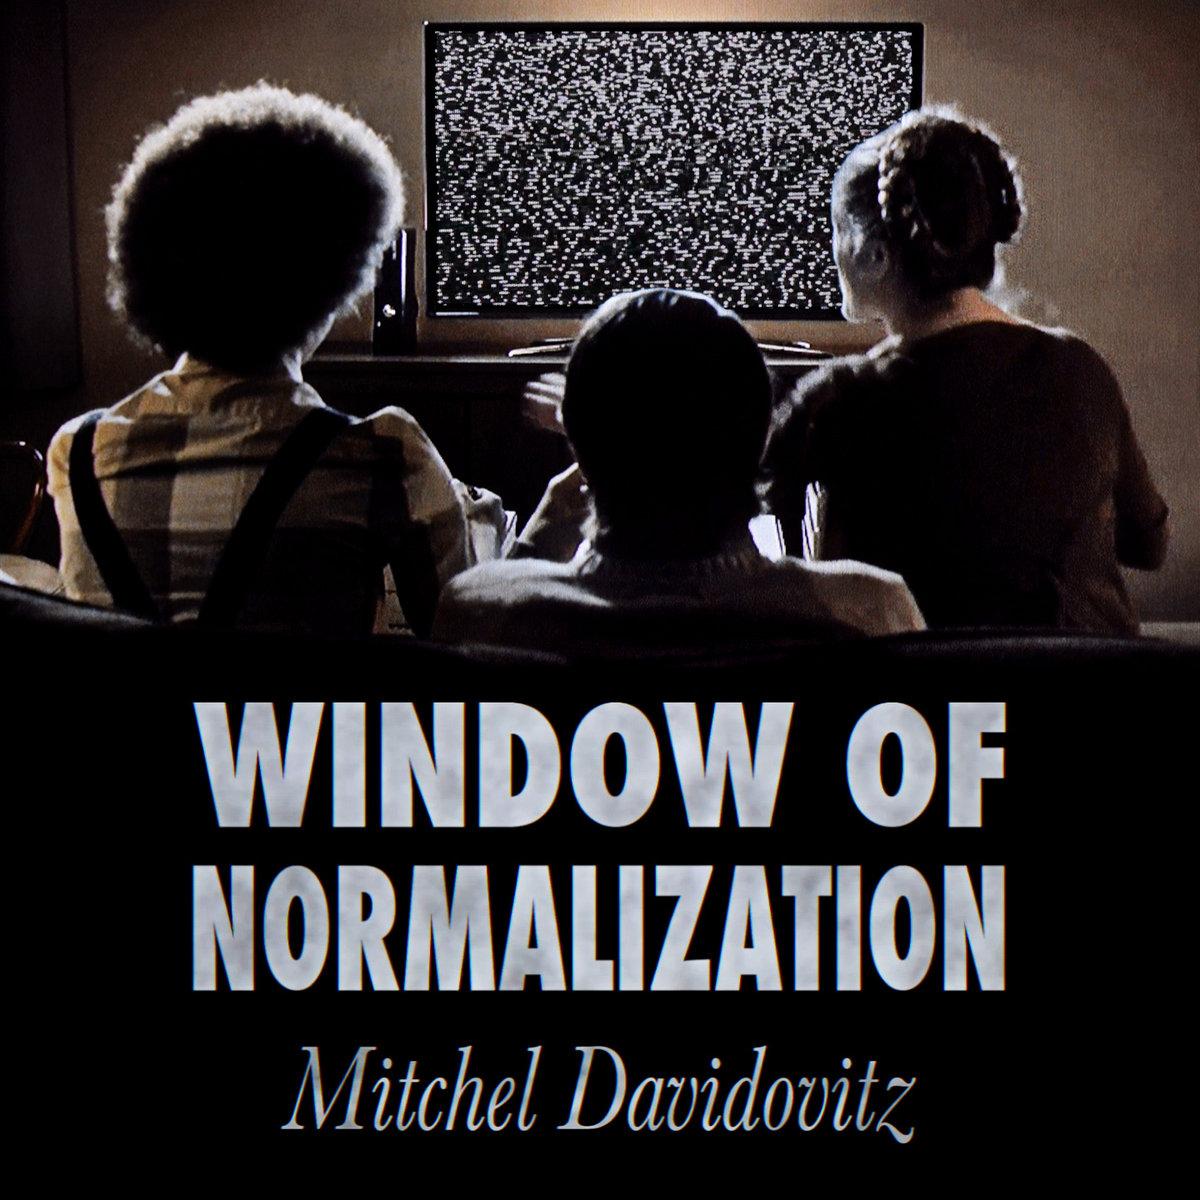 Window of normalization artwork